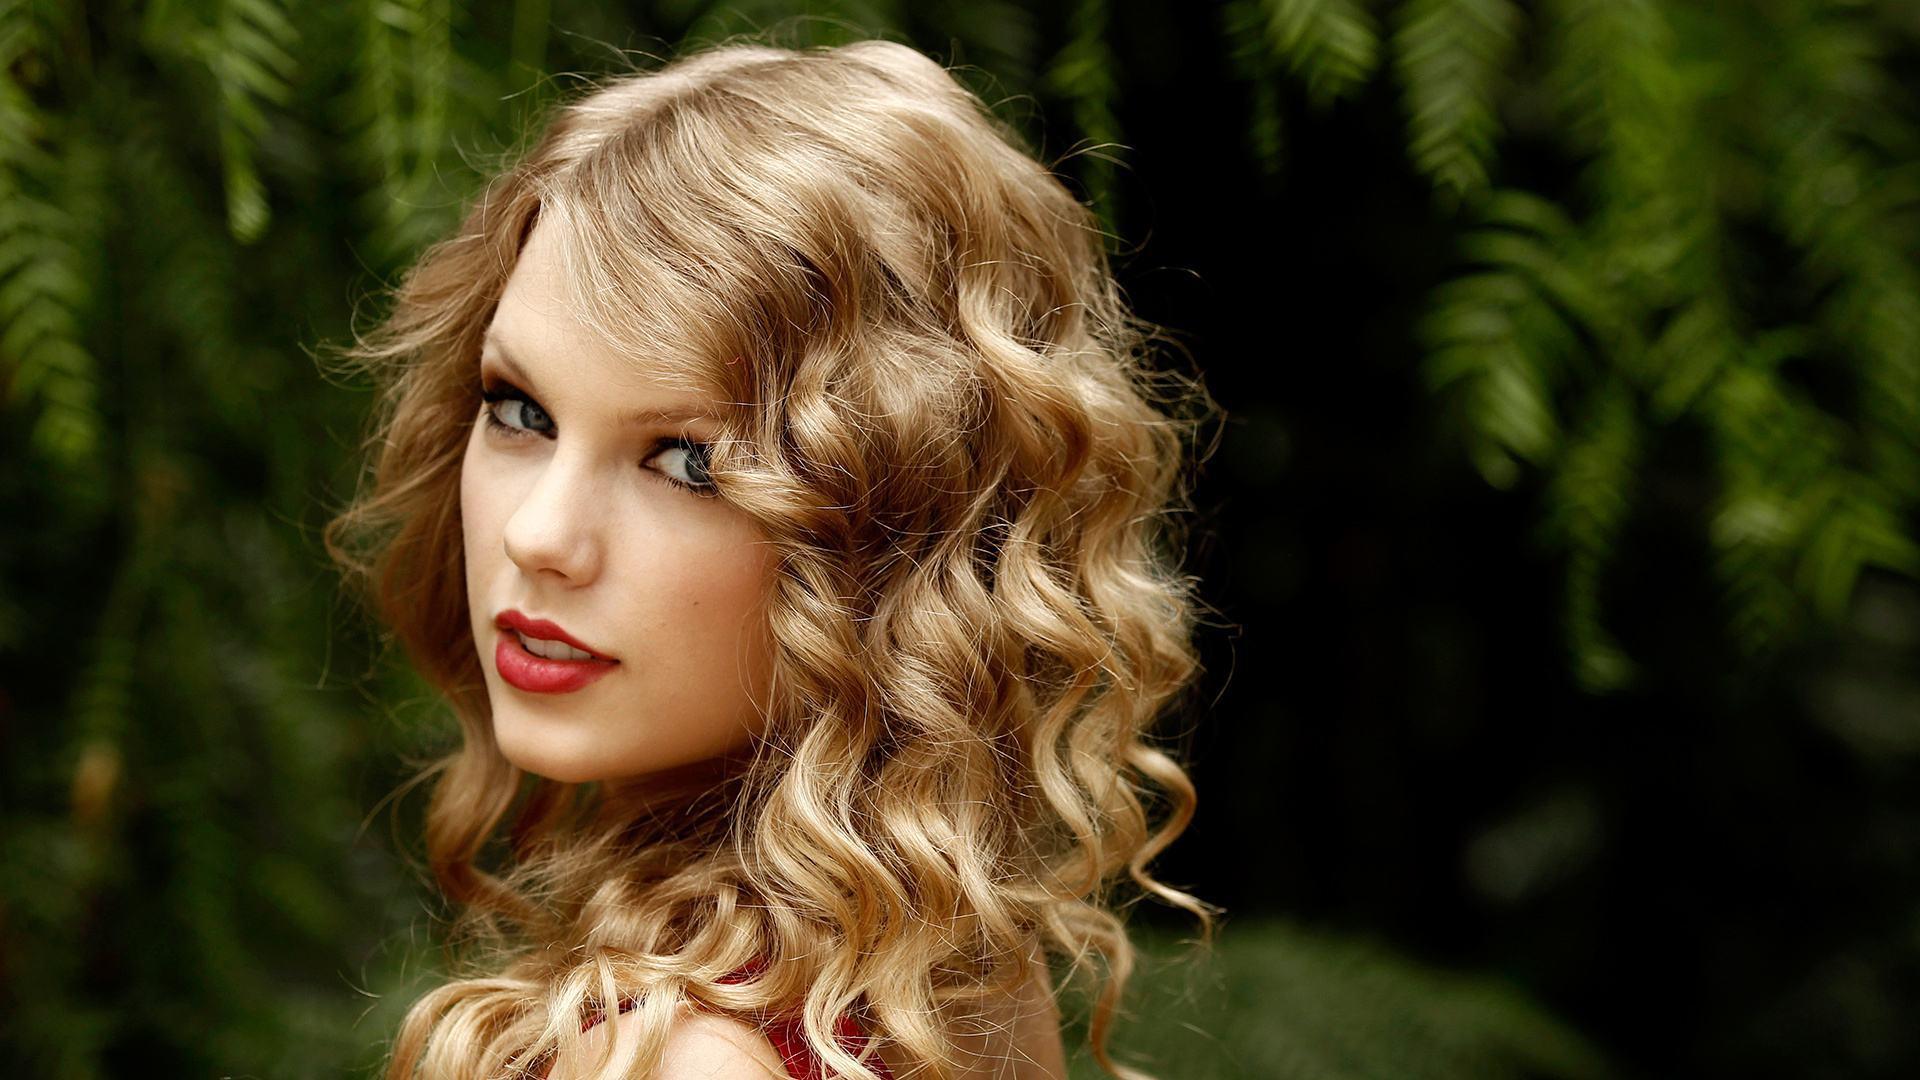 Taylor Swift Hd Desktop